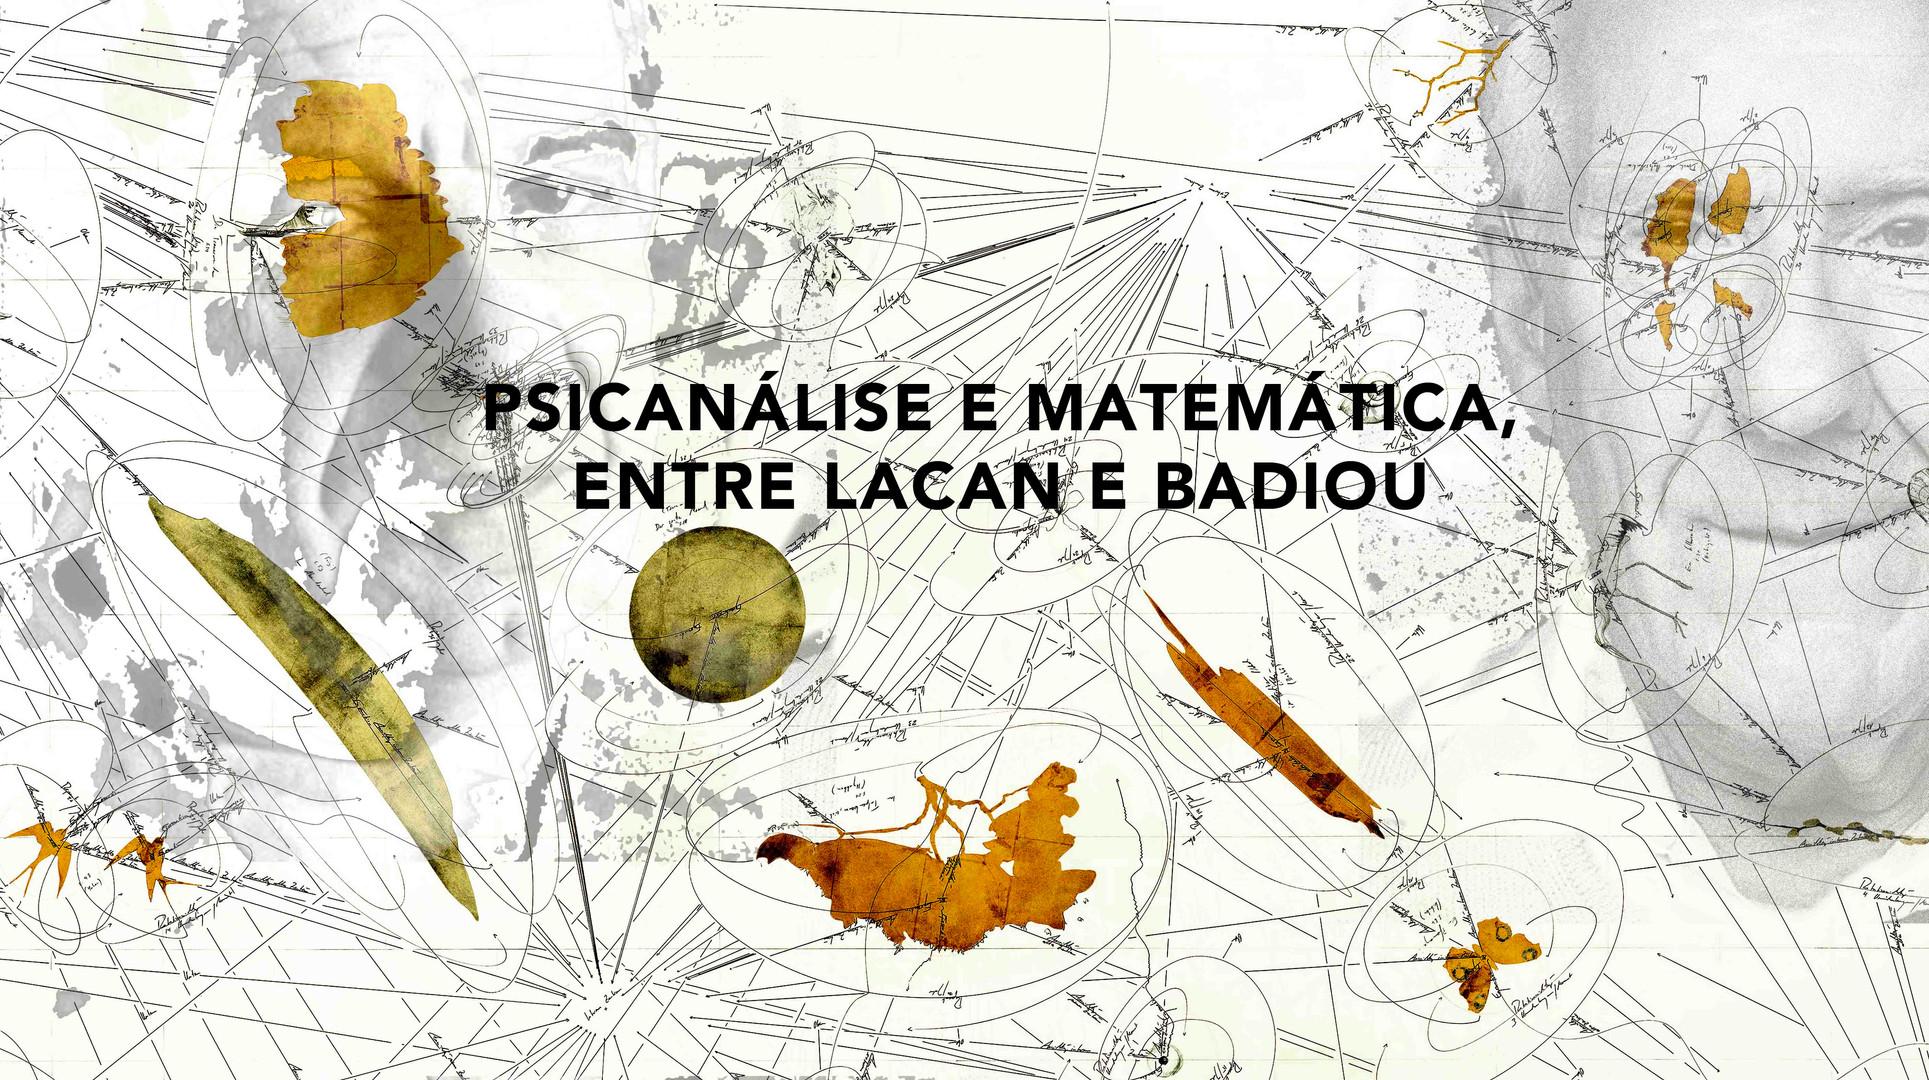 Psicanálise e Matemática (2016)